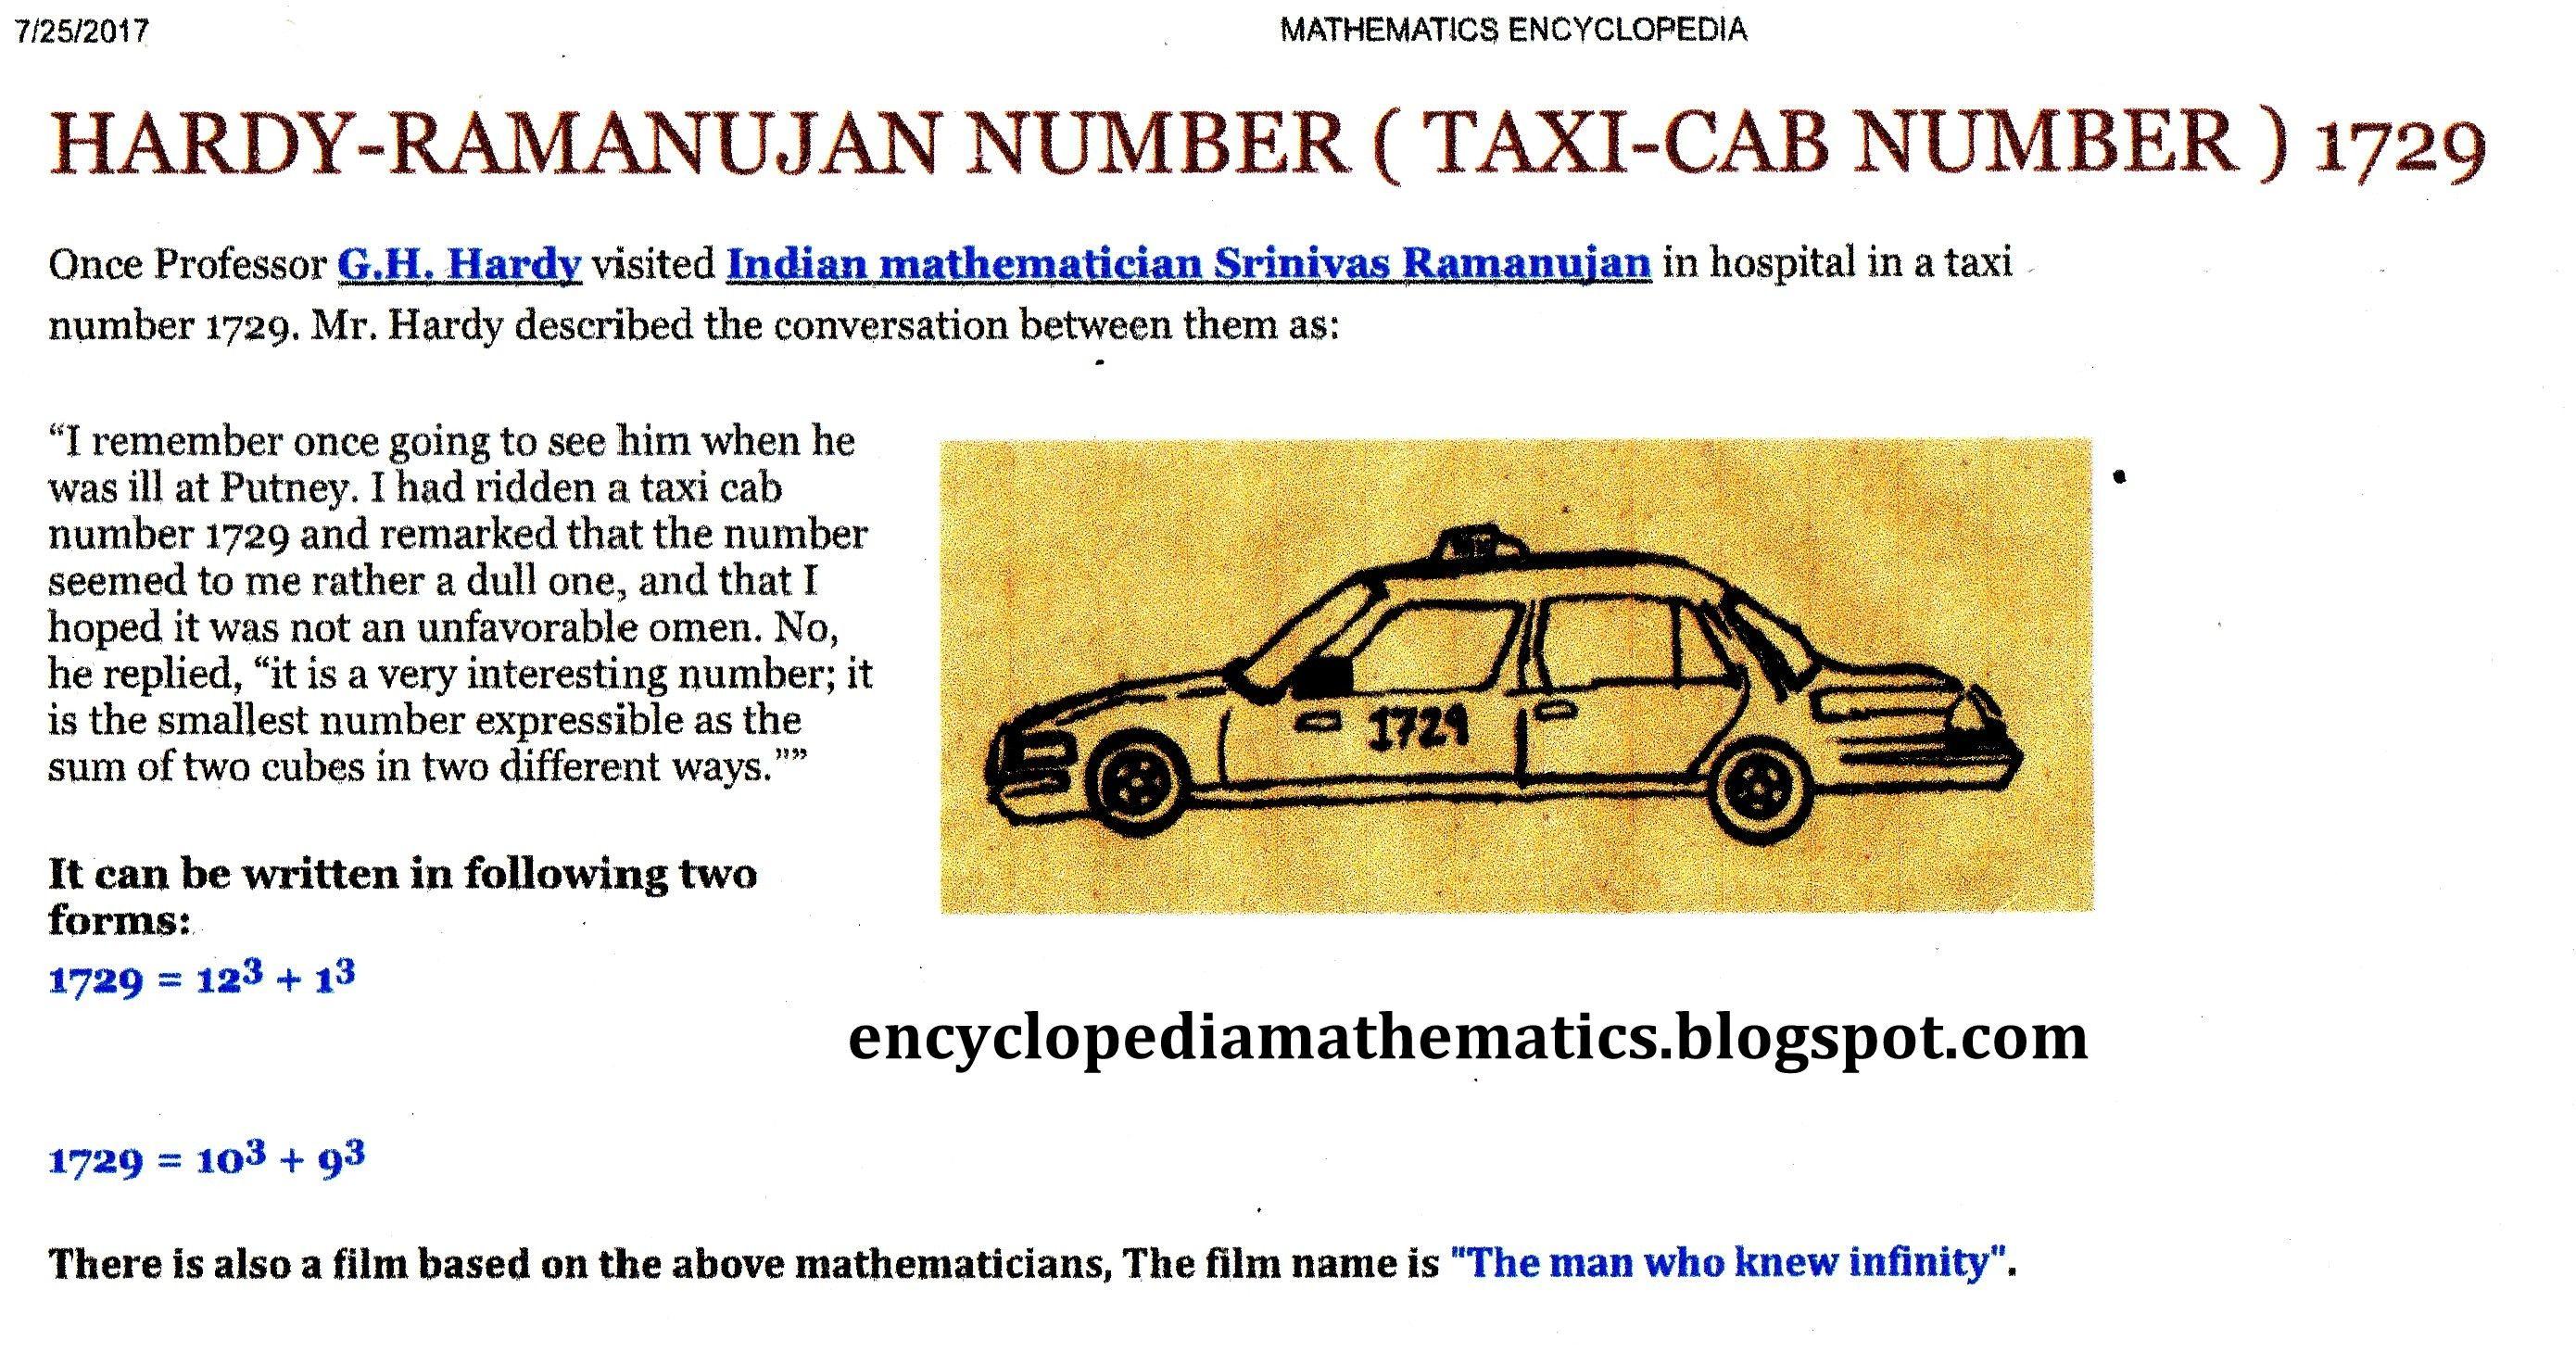 Hardy-Ramanujan number ( 1729 )    MATHEMATICS ENCYCLOPEDIA